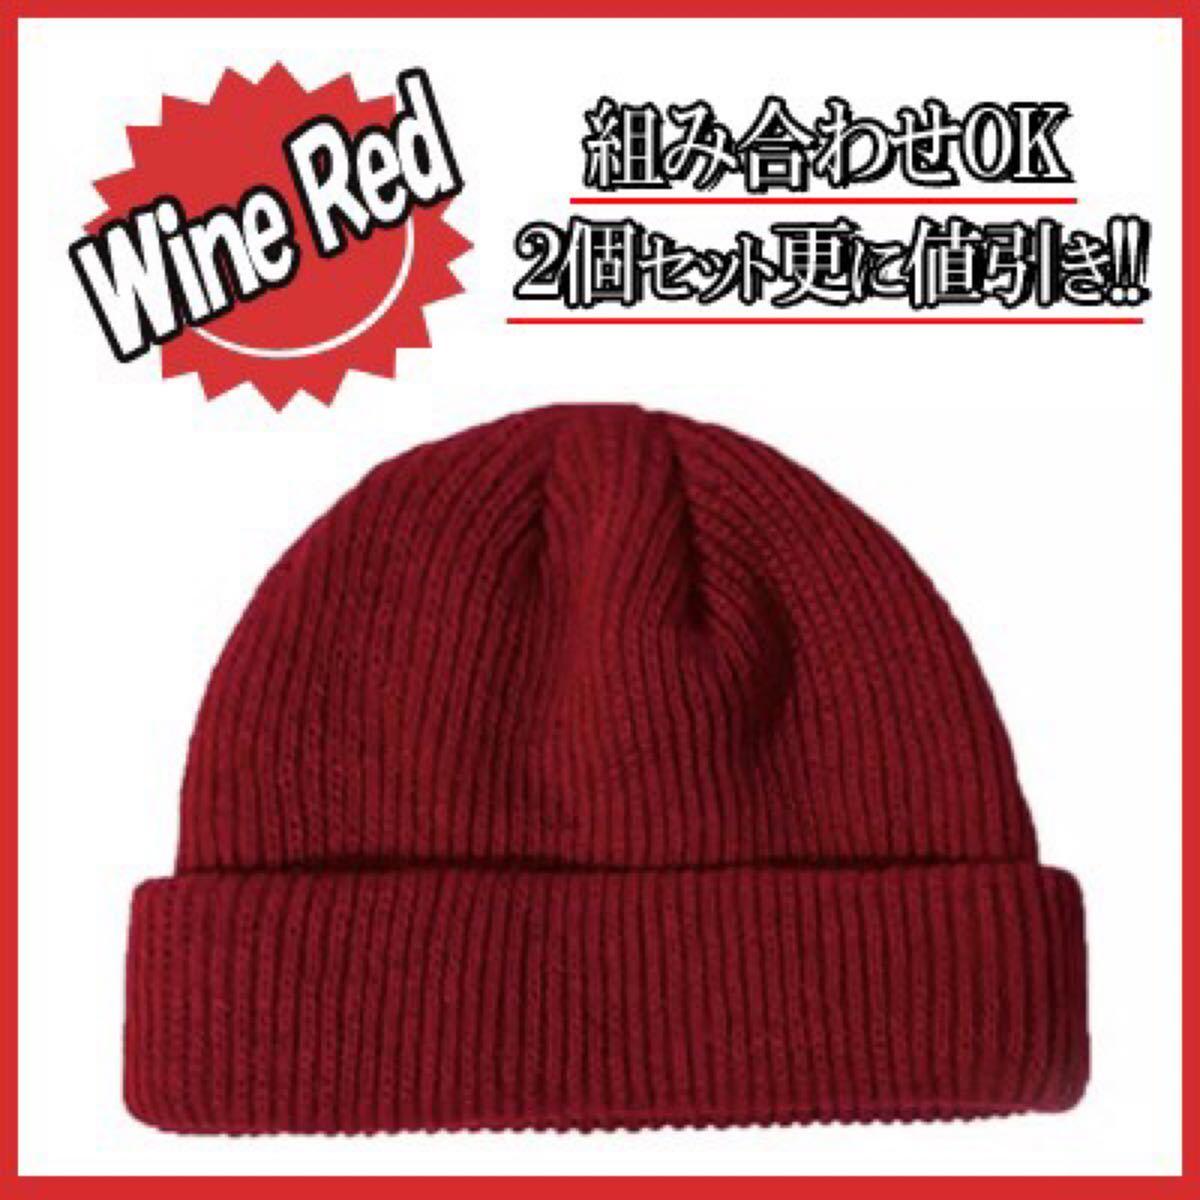 ニット帽 ニットキャップ ビーニー レッド 赤 シンプル